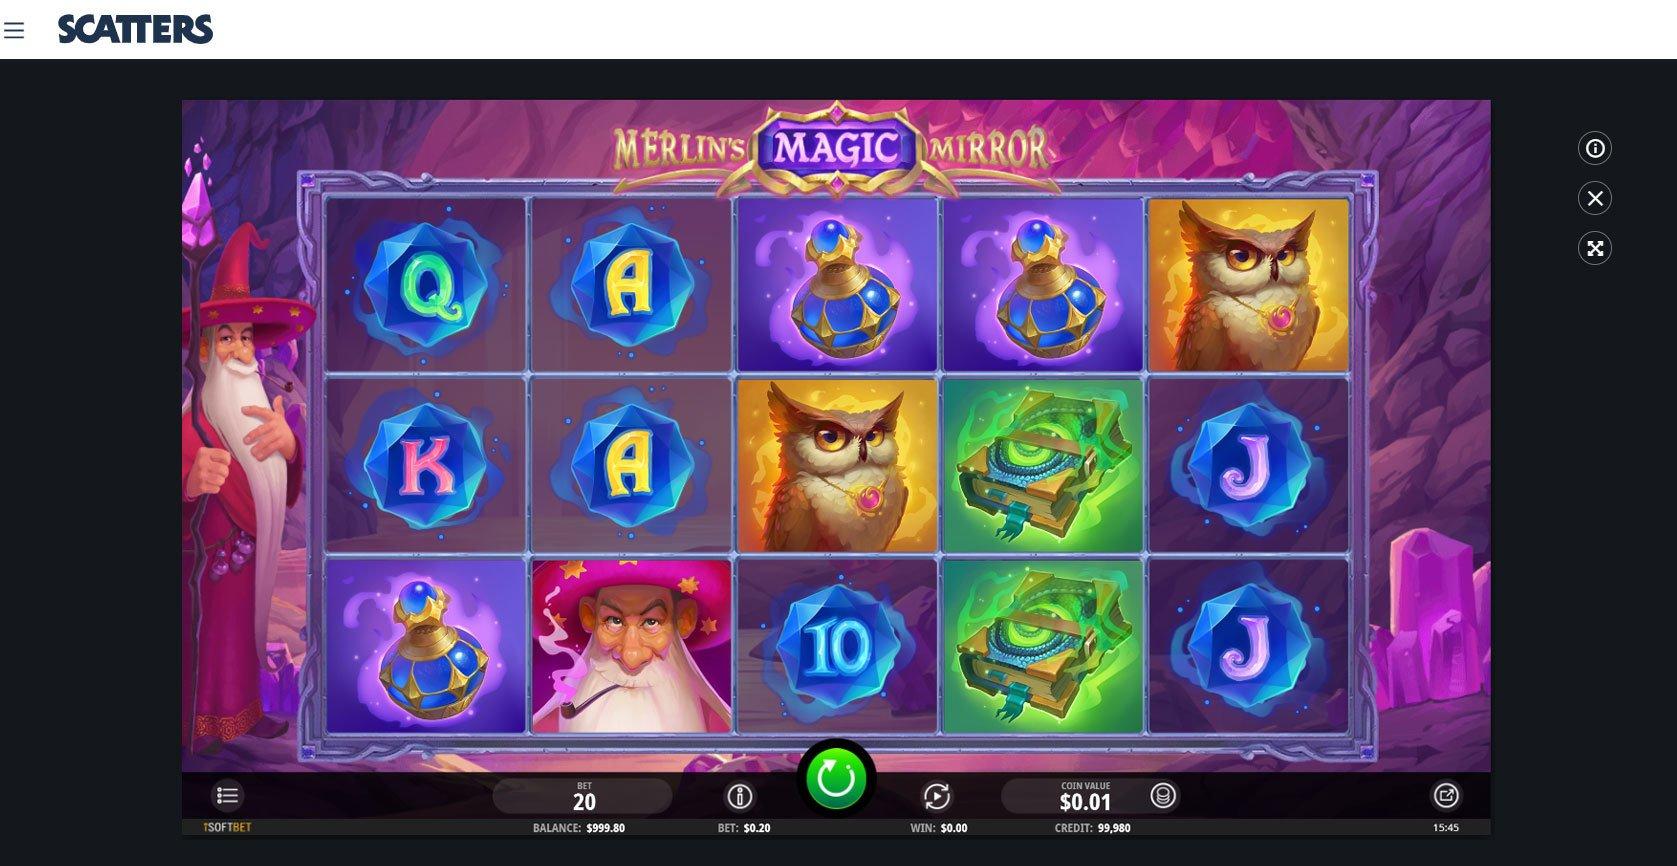 Merlin's Magic Mirror Online Slot - Scatters Online Casino